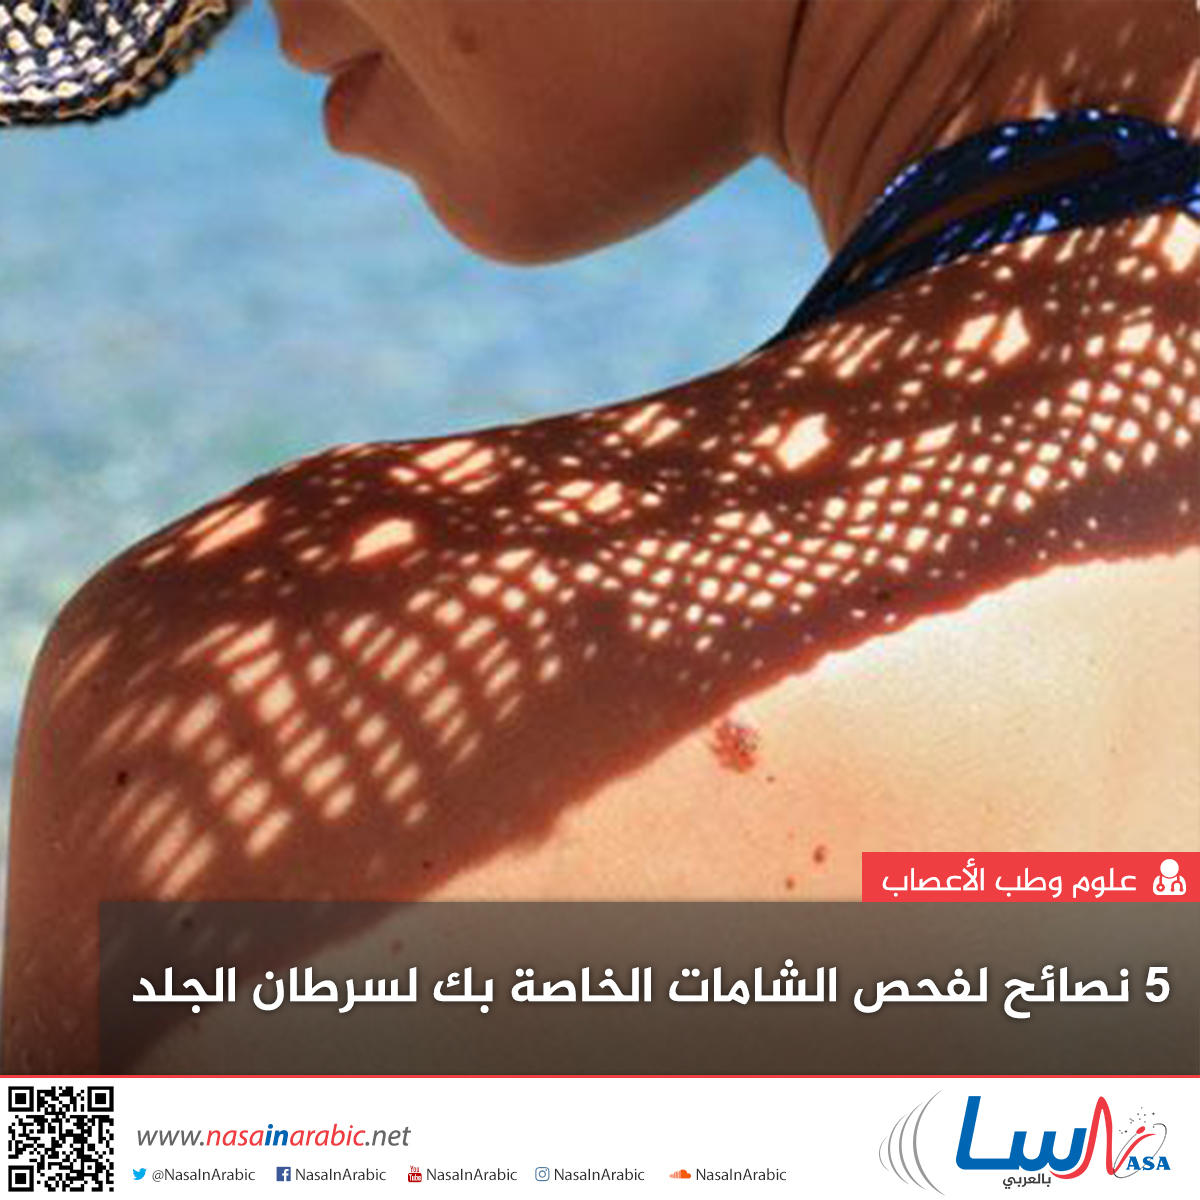 5 نصائح لفحص الشامات الخاصة بك لسرطان الجلد